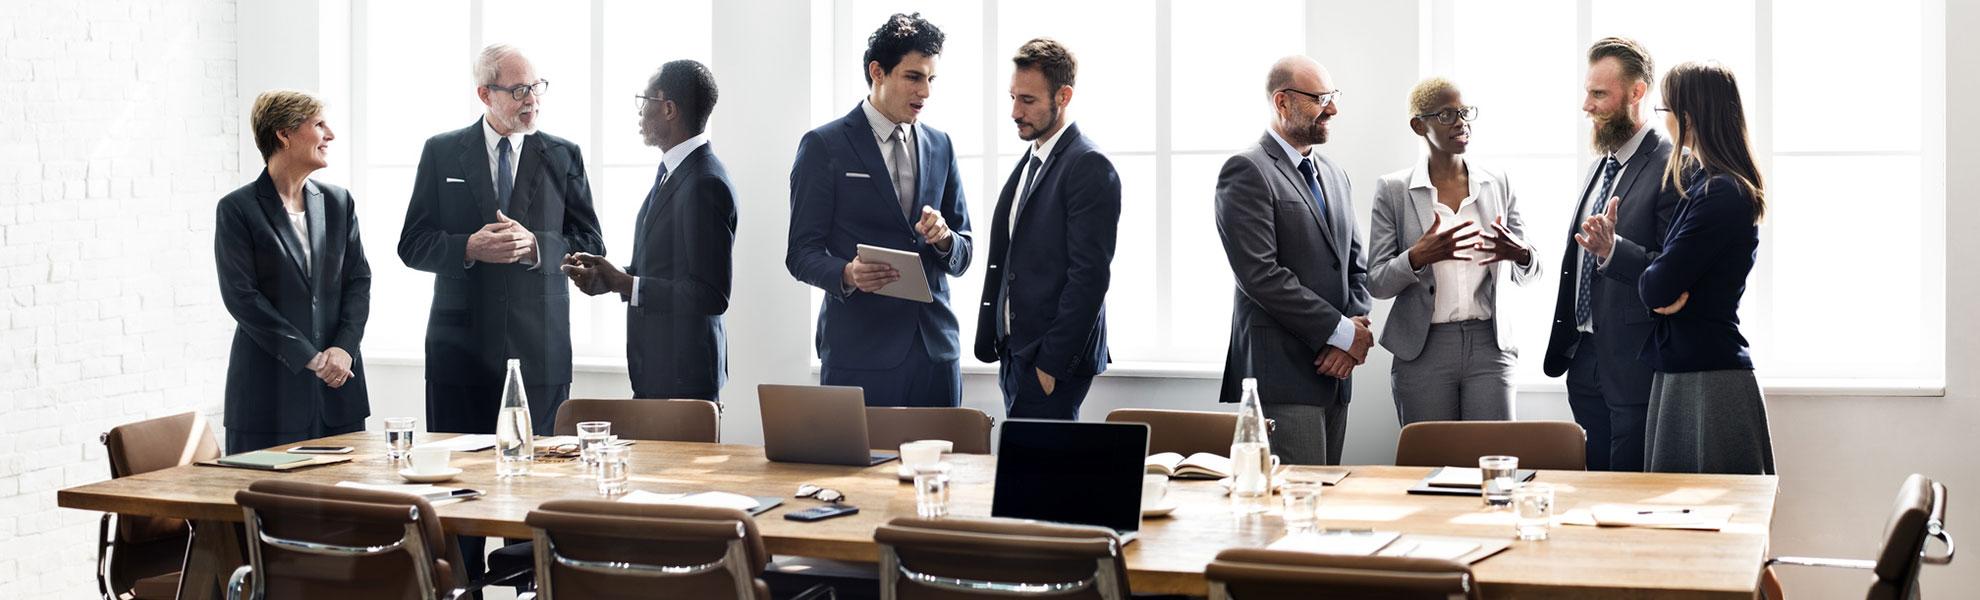 הדרכת מכירות וליווי מנהלים